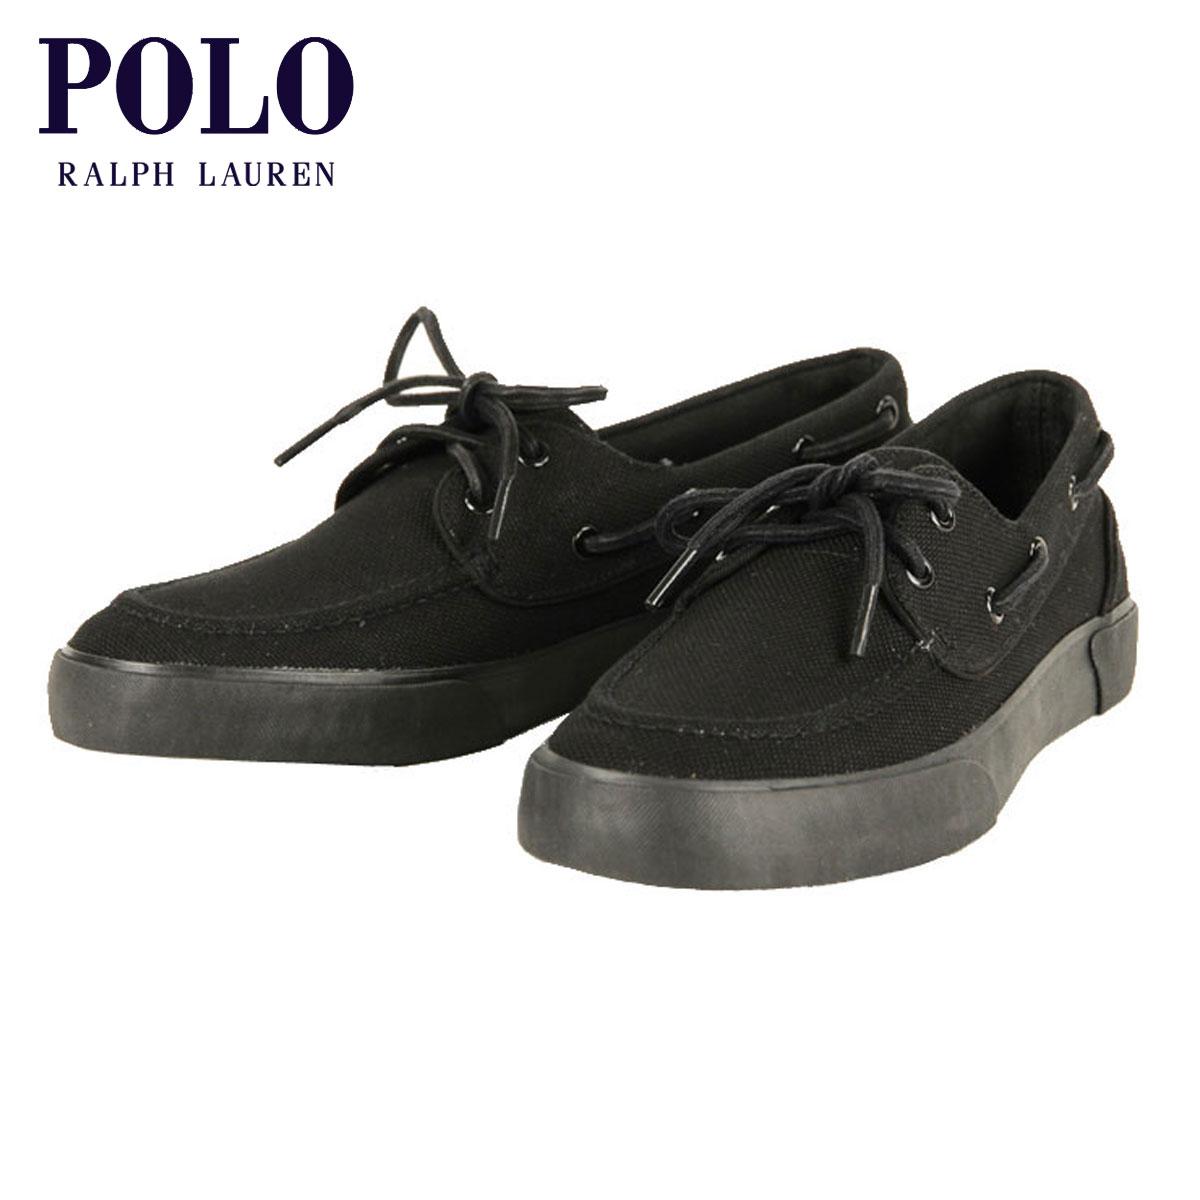 【ポイント10倍 5/4 10:00~5/7 09:59まで】 ポロ ラルフローレン POLO RALPH LAUREN 正規品 メンズ 靴 シューズ LANDER CANVAS SNEAKER D00S20